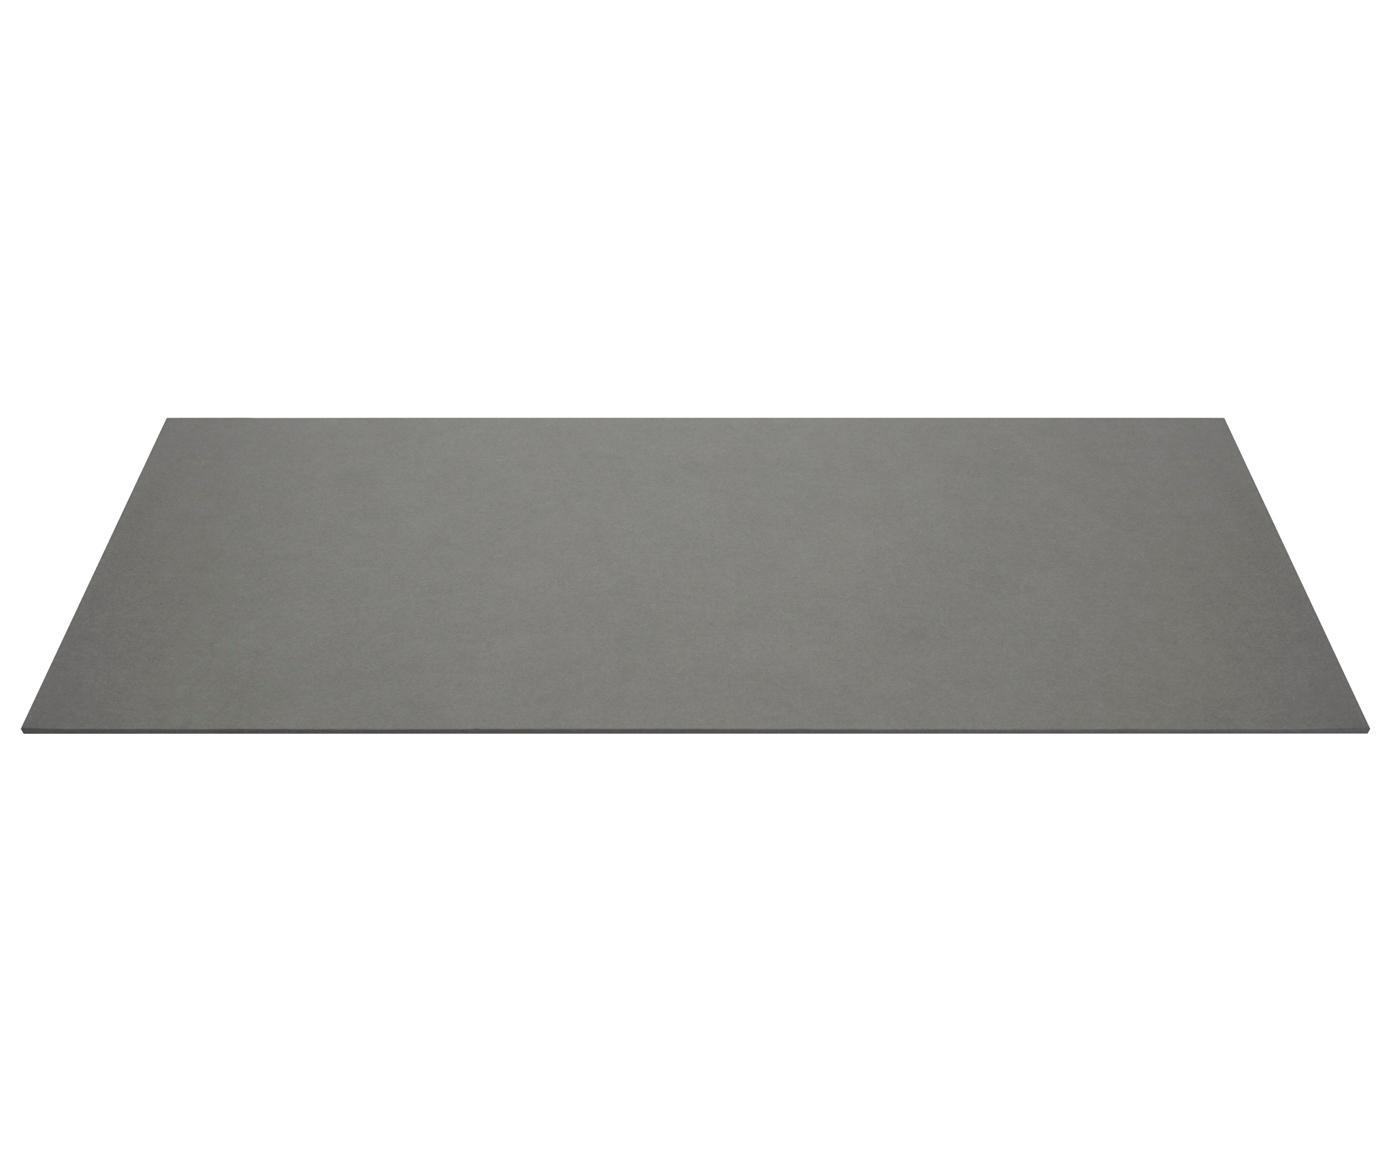 Bureaumat Annie, Massief, gelamineerd karton, Grijs, B 59 x D 39 cm